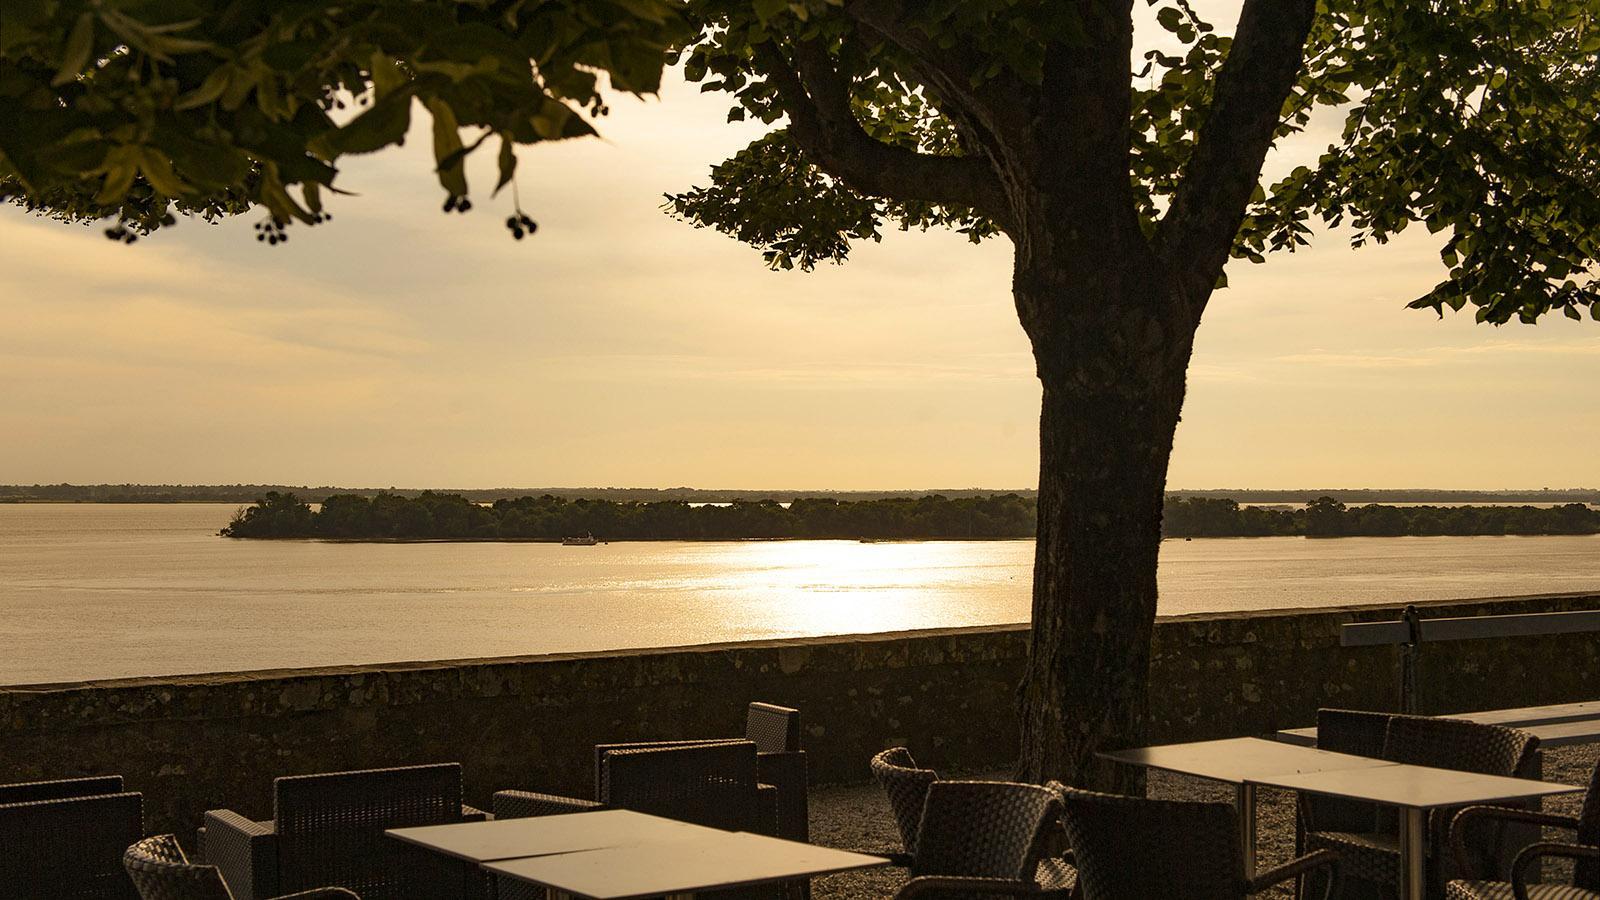 Zitadelle von Blaye, Blick auf die Gironde. Foto: Hilke Maunder